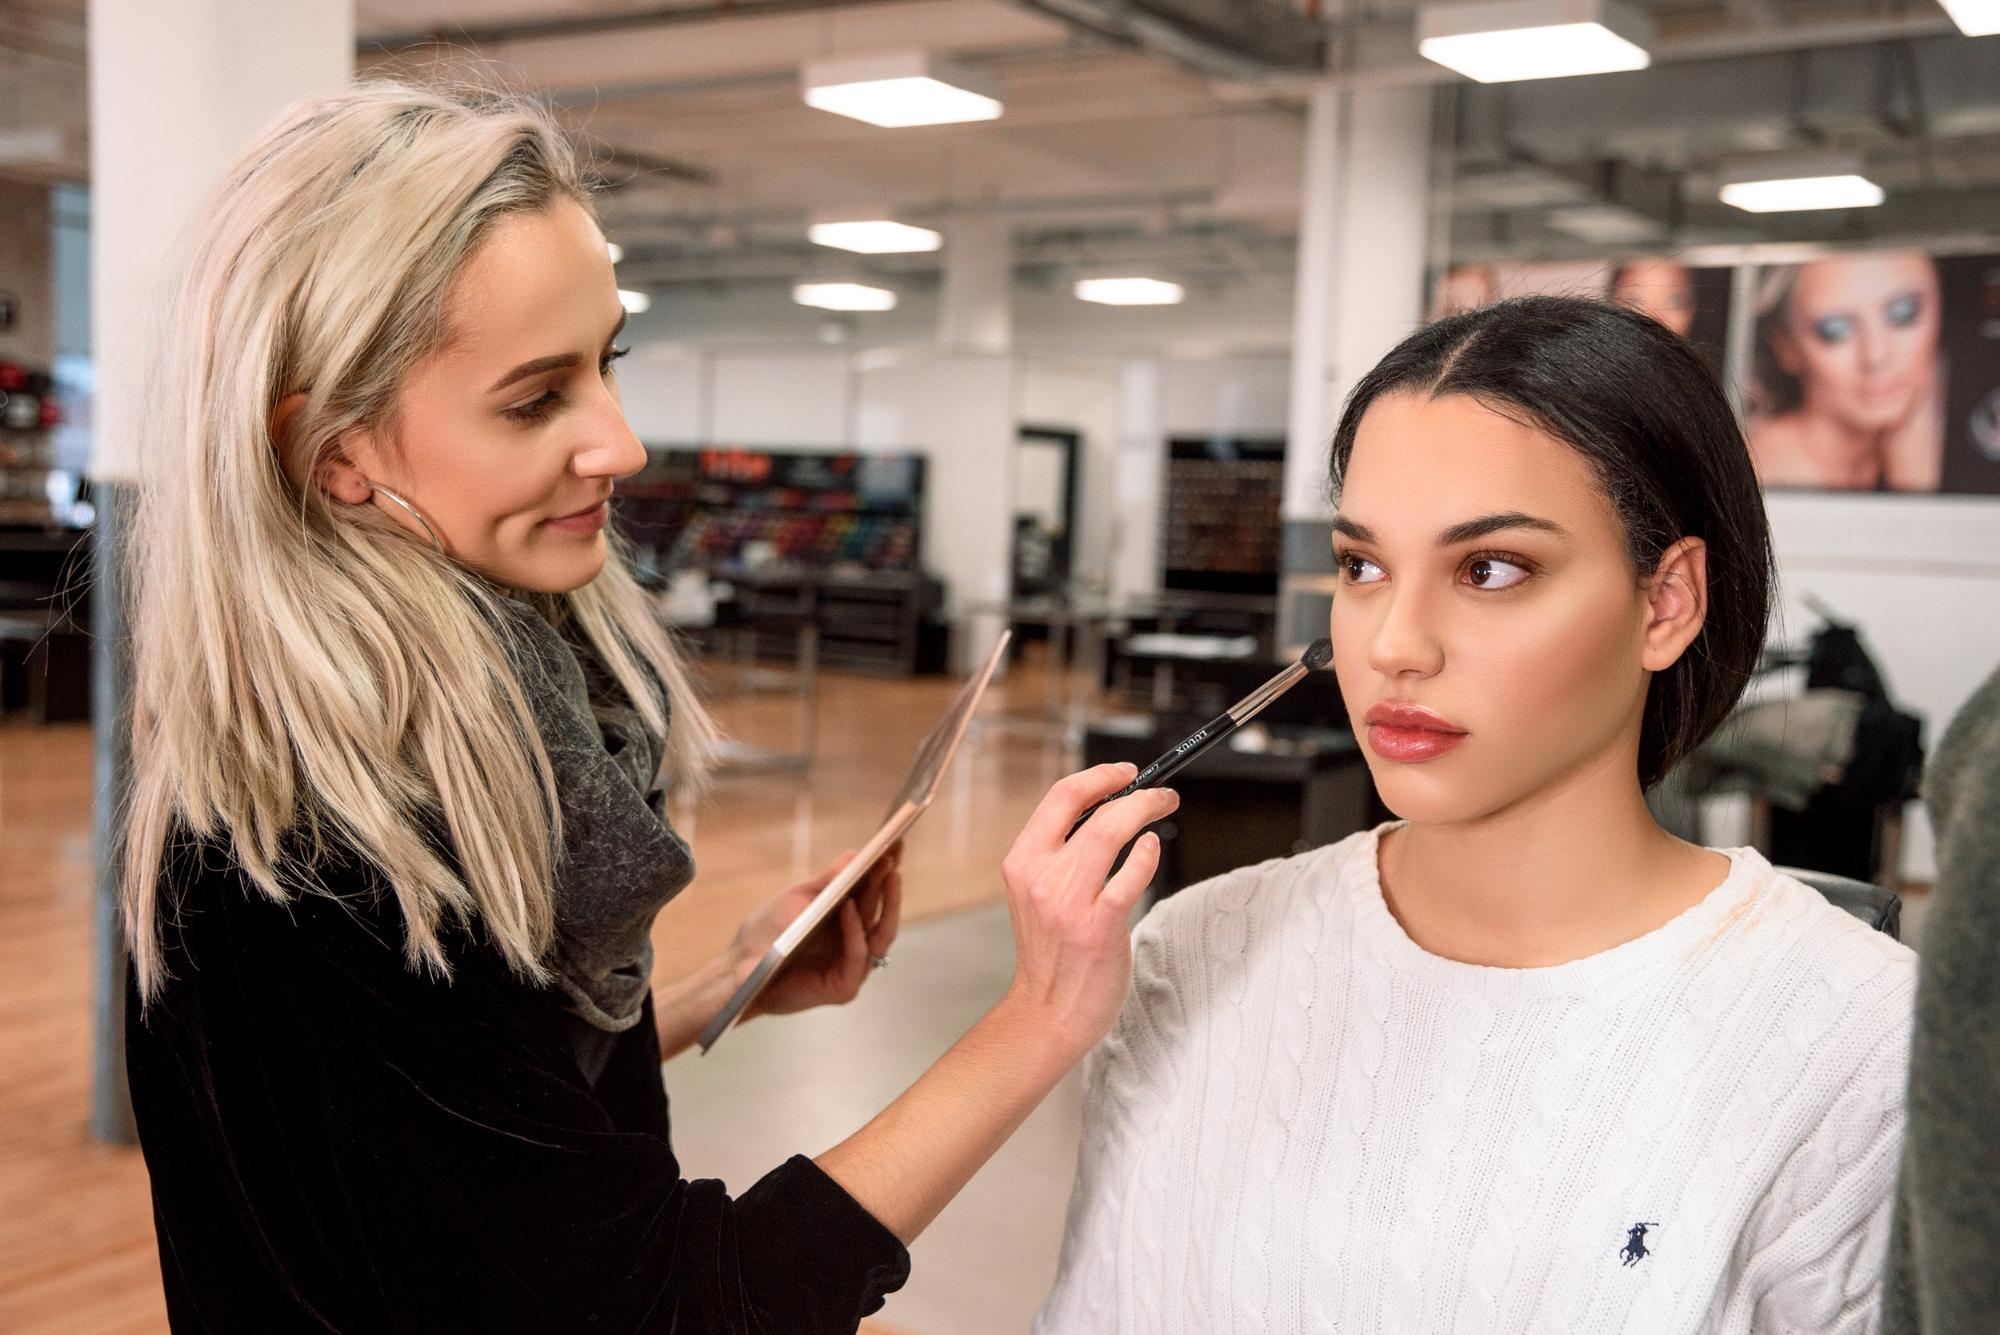 paulina-pecak-OMA-makeup-artist-educator_DSC0332.jpg